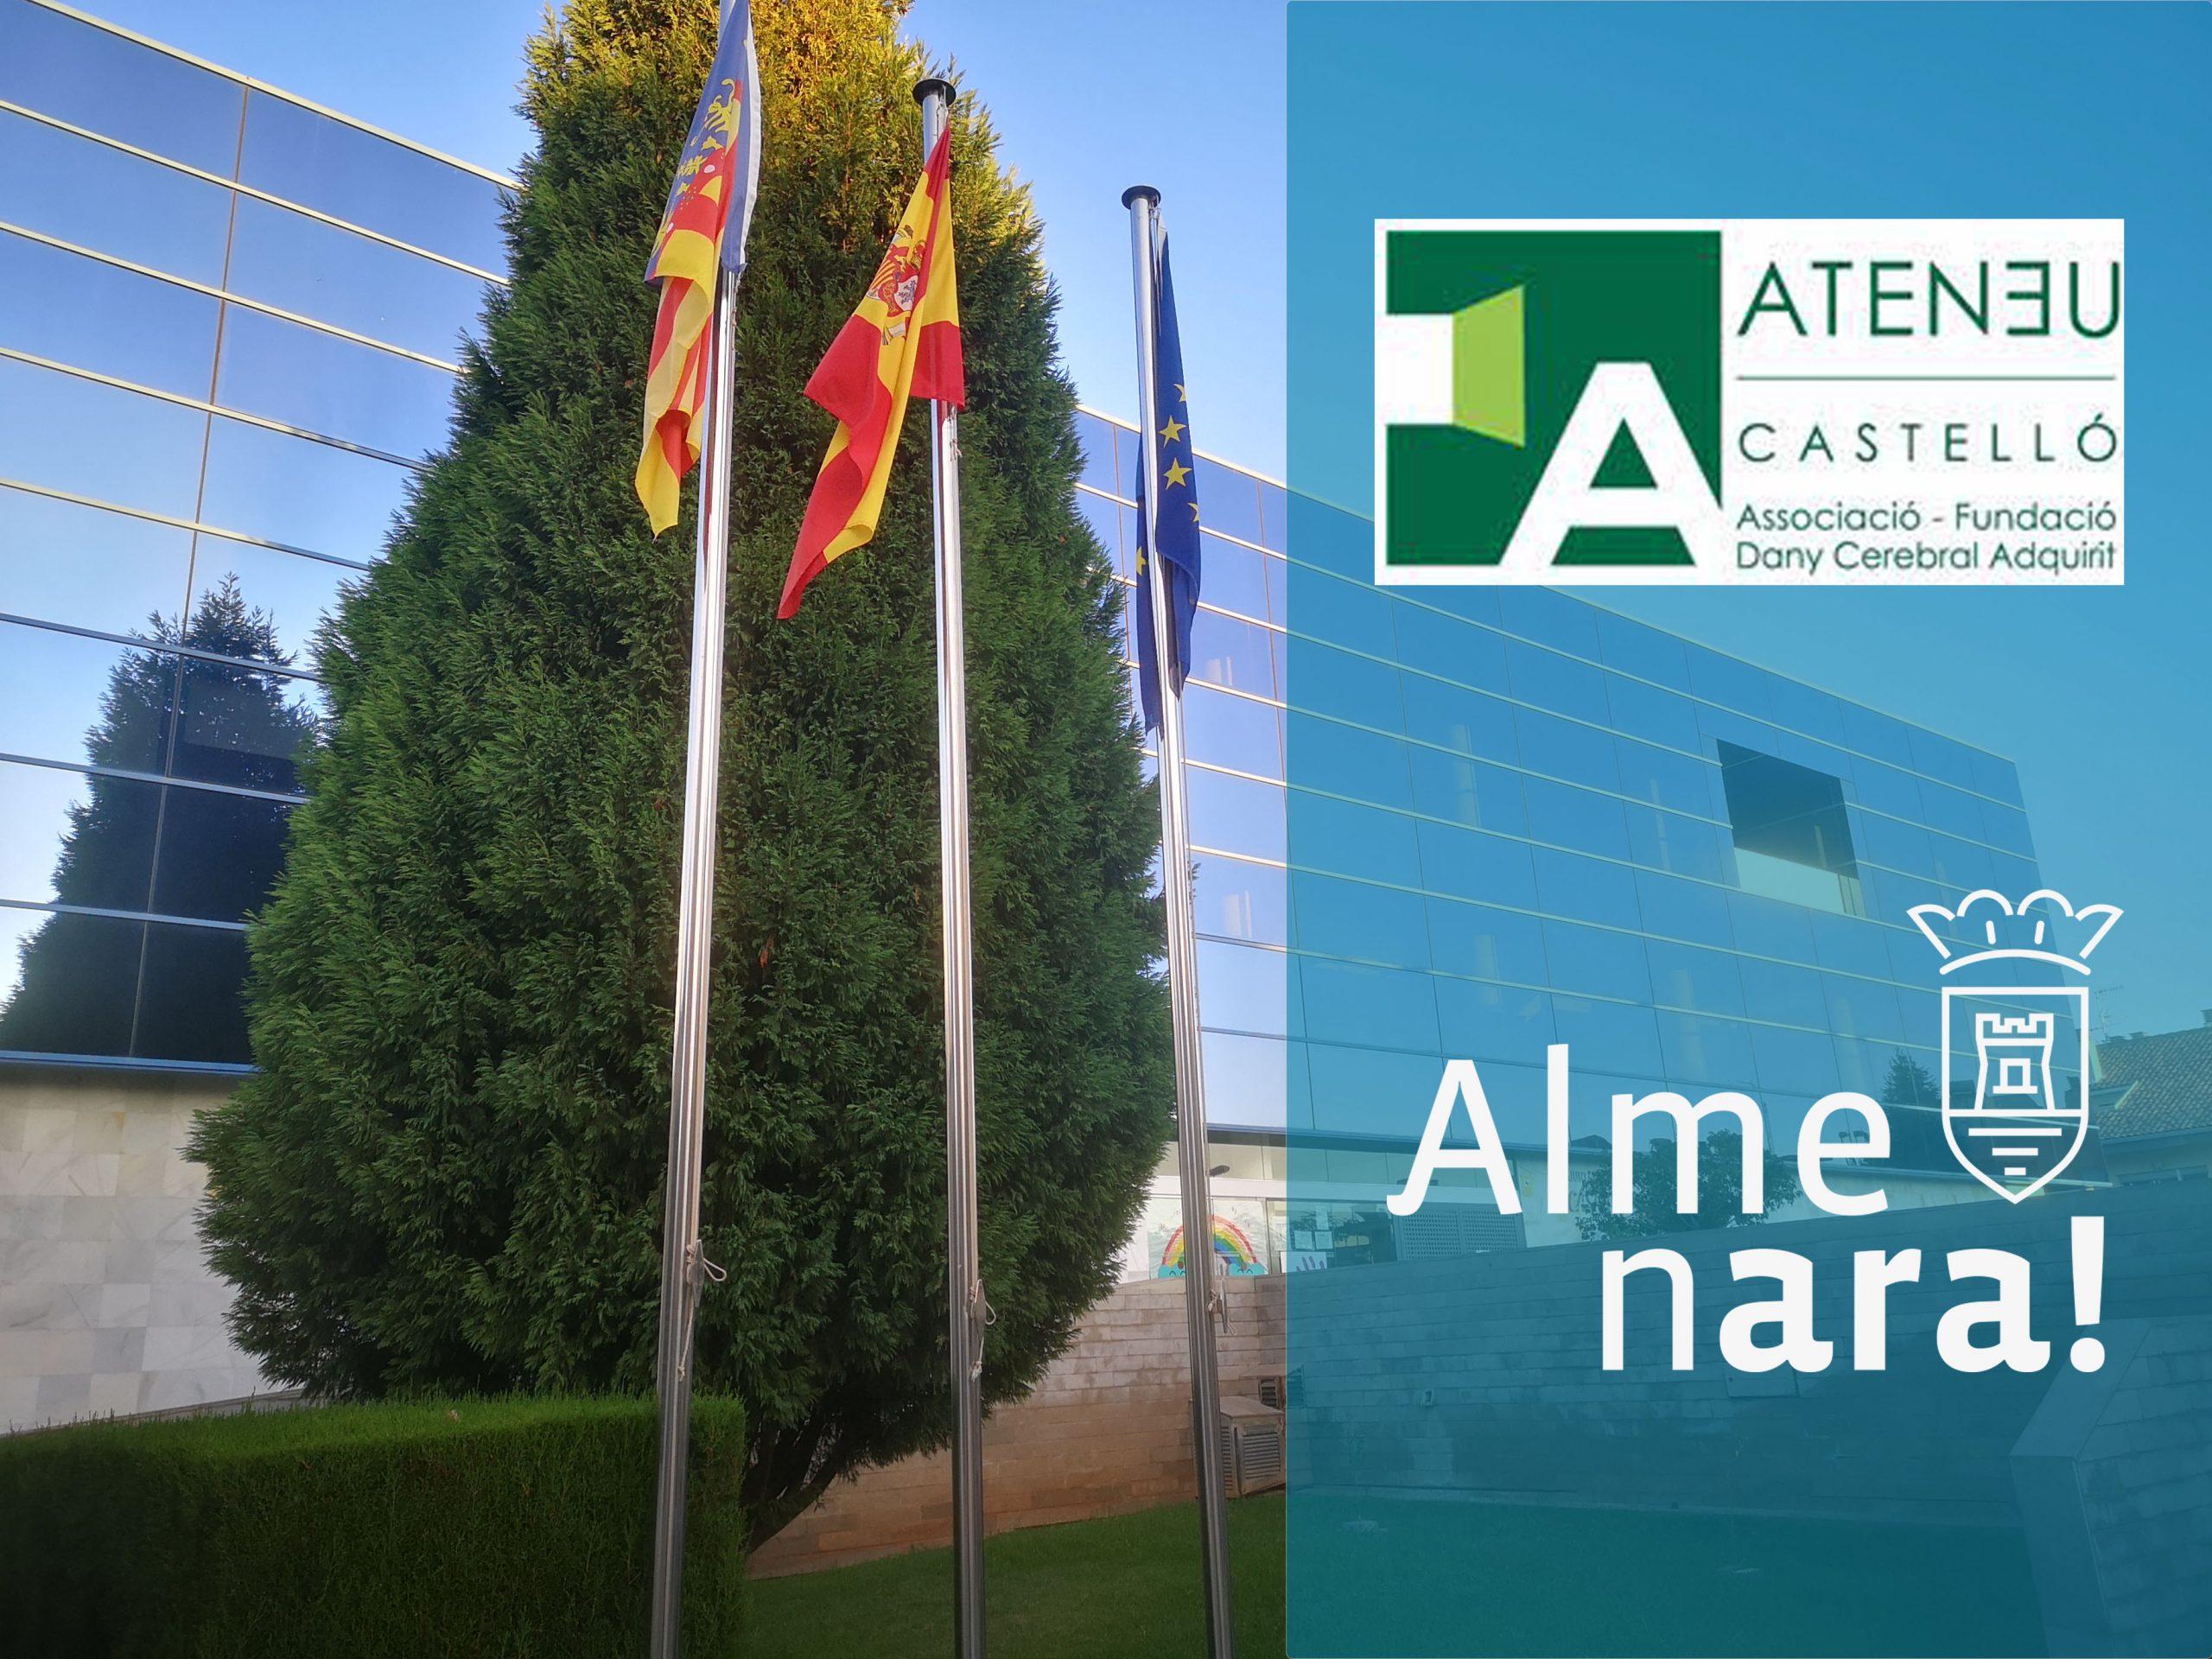 Almenara y la Fundación de Daño Cerebral adquirido Ateneu de Castelló firman un acuerdo de colaboración